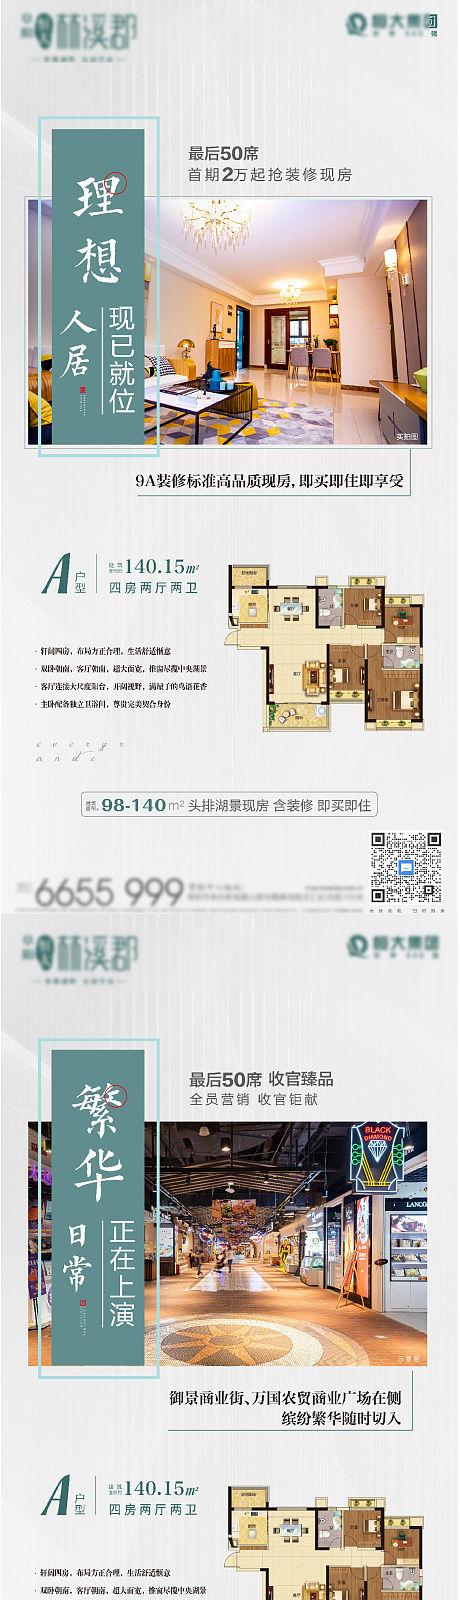 地产配套价值点系列海报